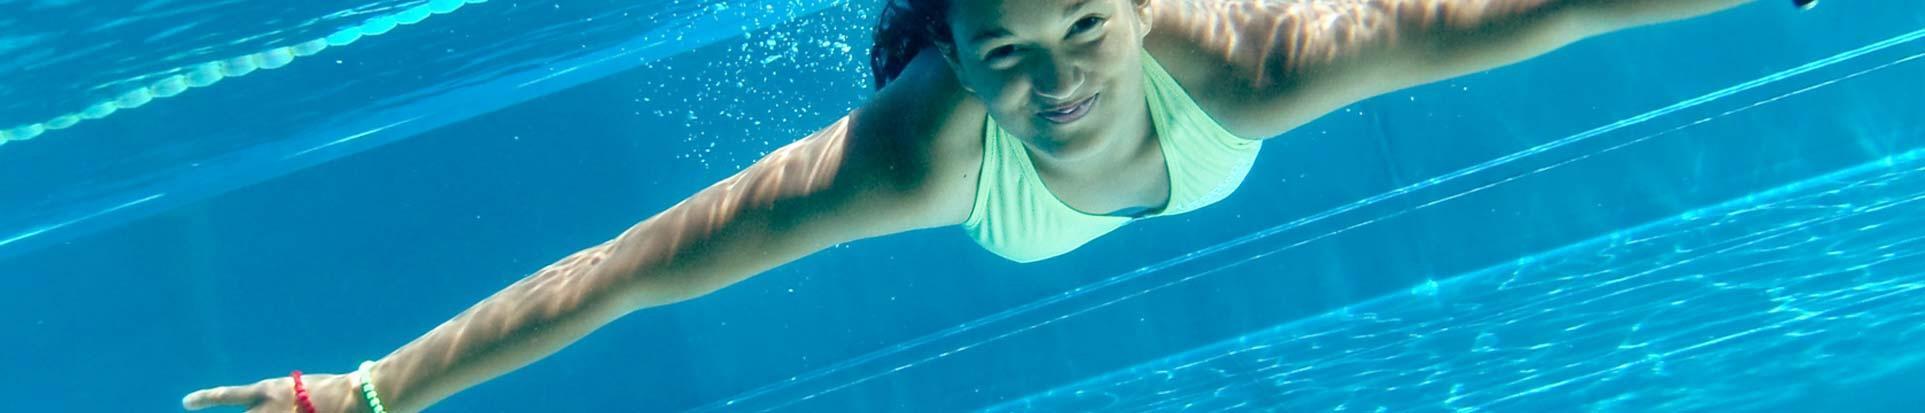 Klimatizacija-bazenov-razvlaževanje-bazenov